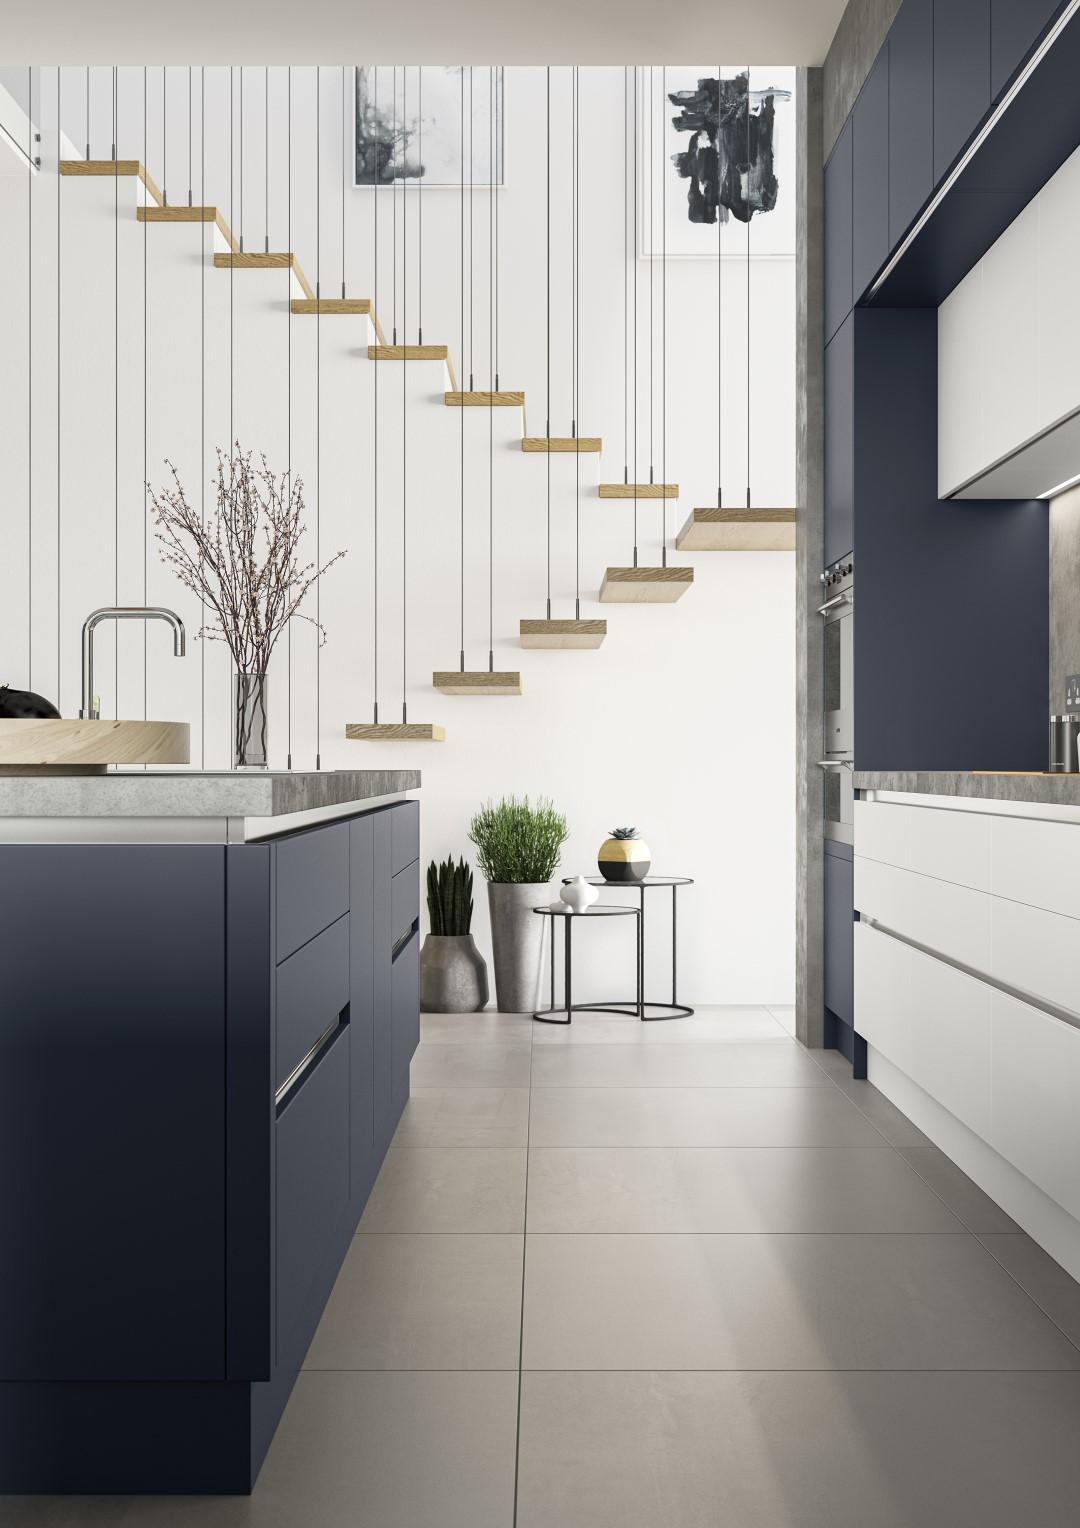 Zola Soft-Matte Indigo - Kitchen Design - Alan Kelly Kitchens - Waterford - 2